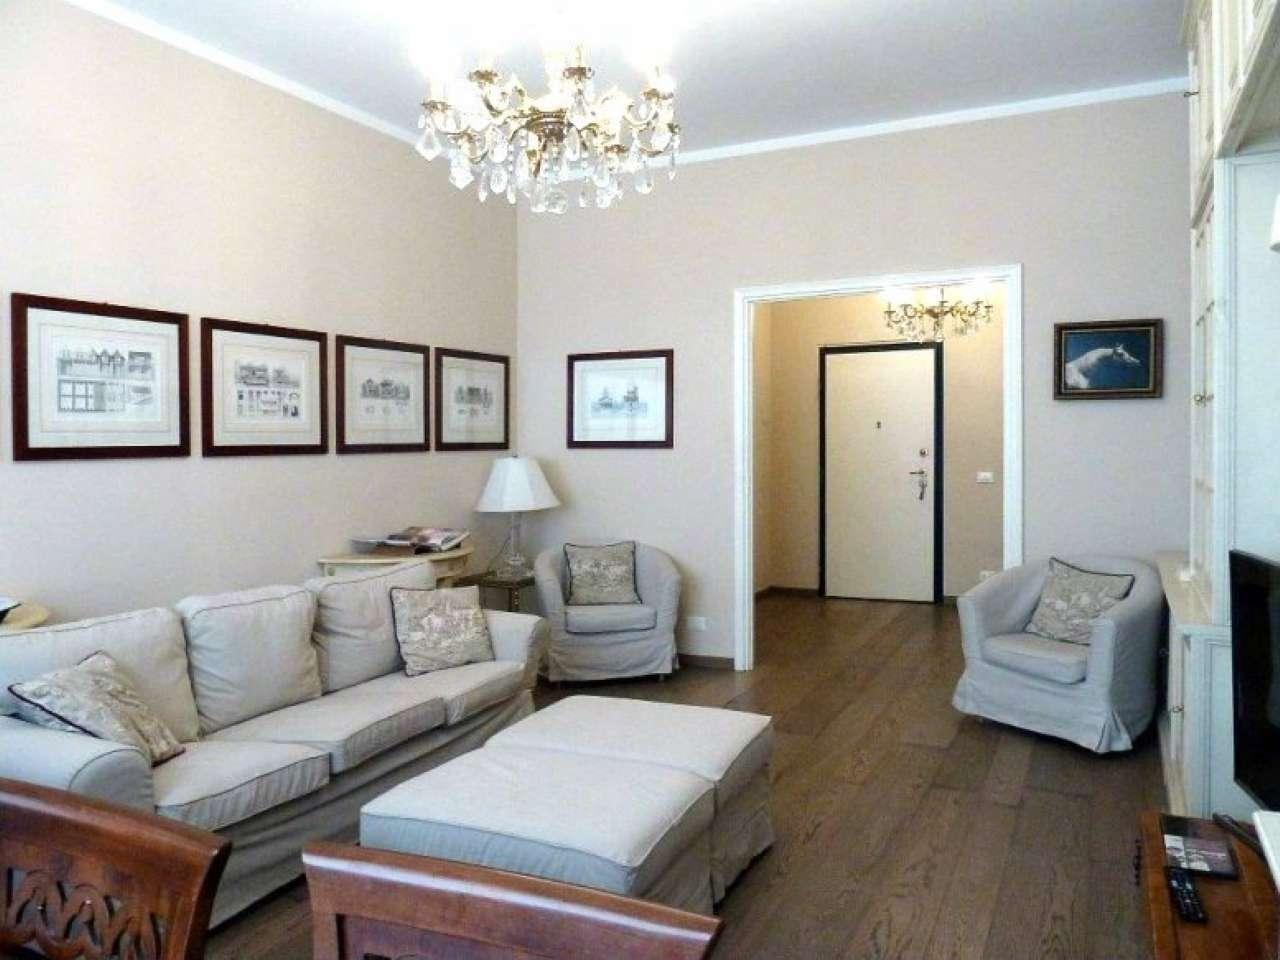 Appartamento in Vendita a Milano 08 Vercelli / Magenta / Cadorna / Washington: 4 locali, 155 mq